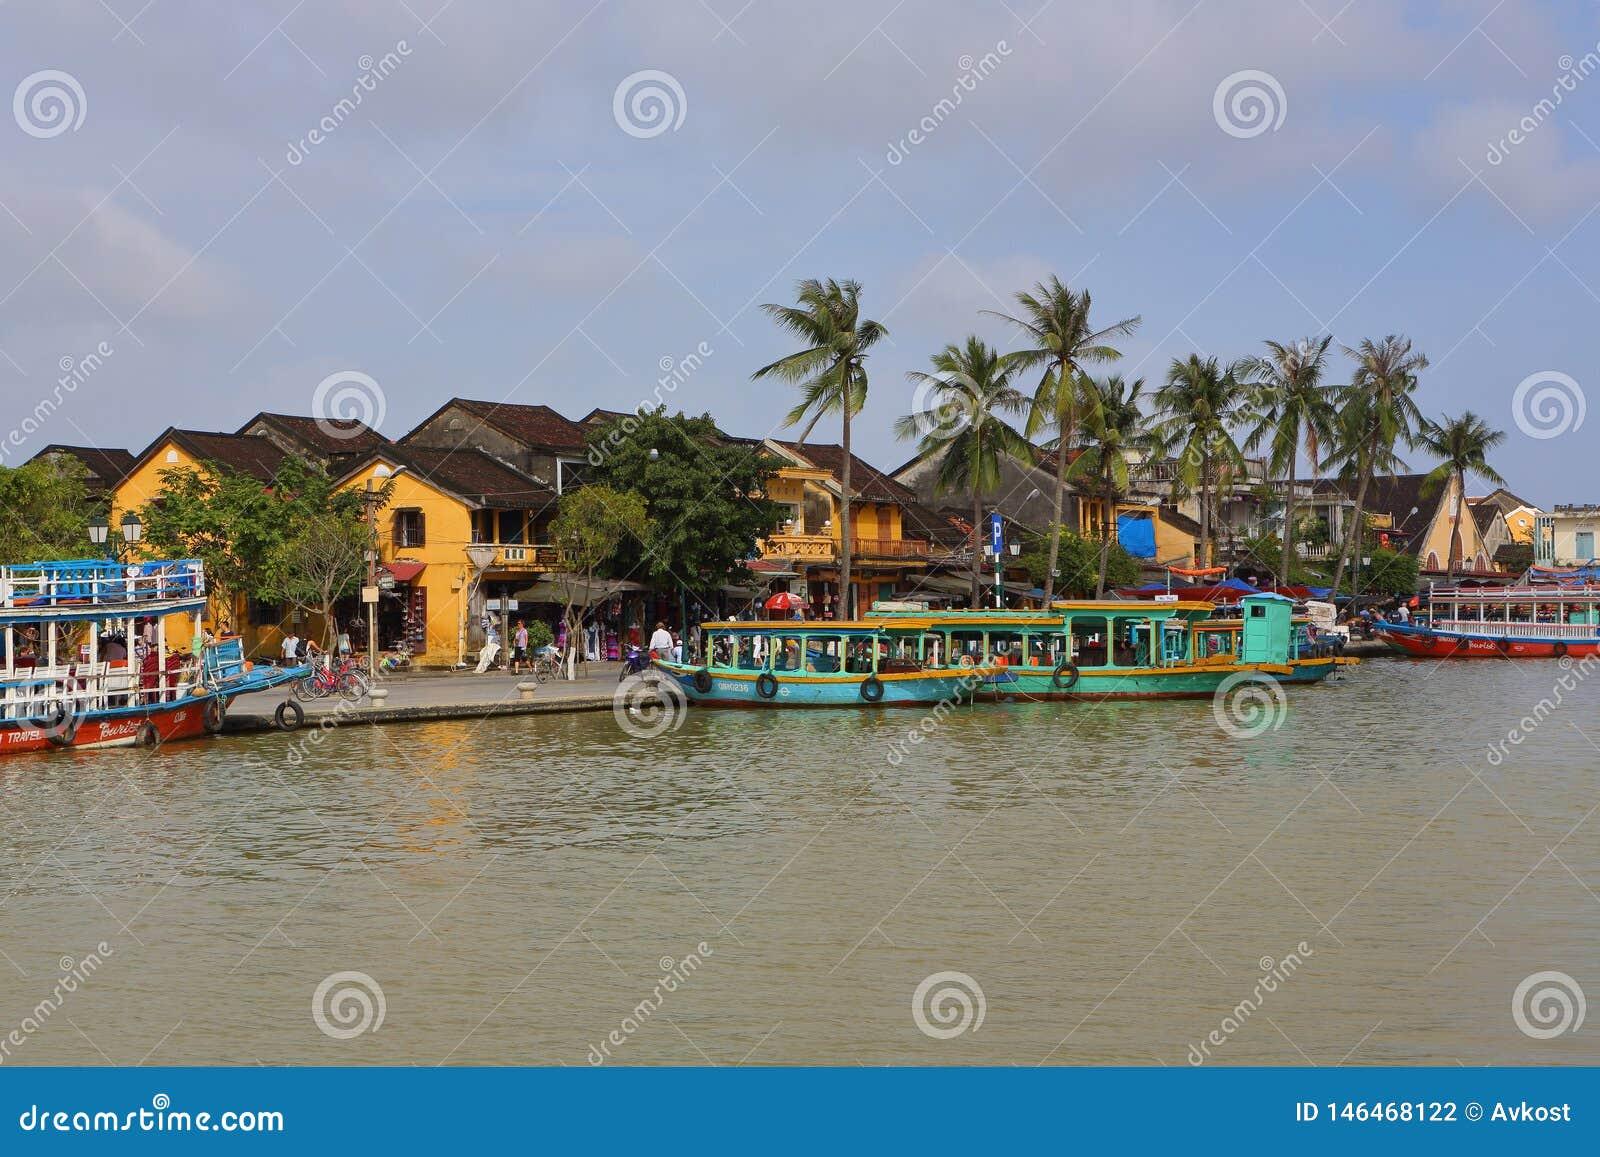 Вьетнам, Hoi - январь 2017: Поплавки шлюпки на реке Bon против фона домов на портовом районе в городке Hoi